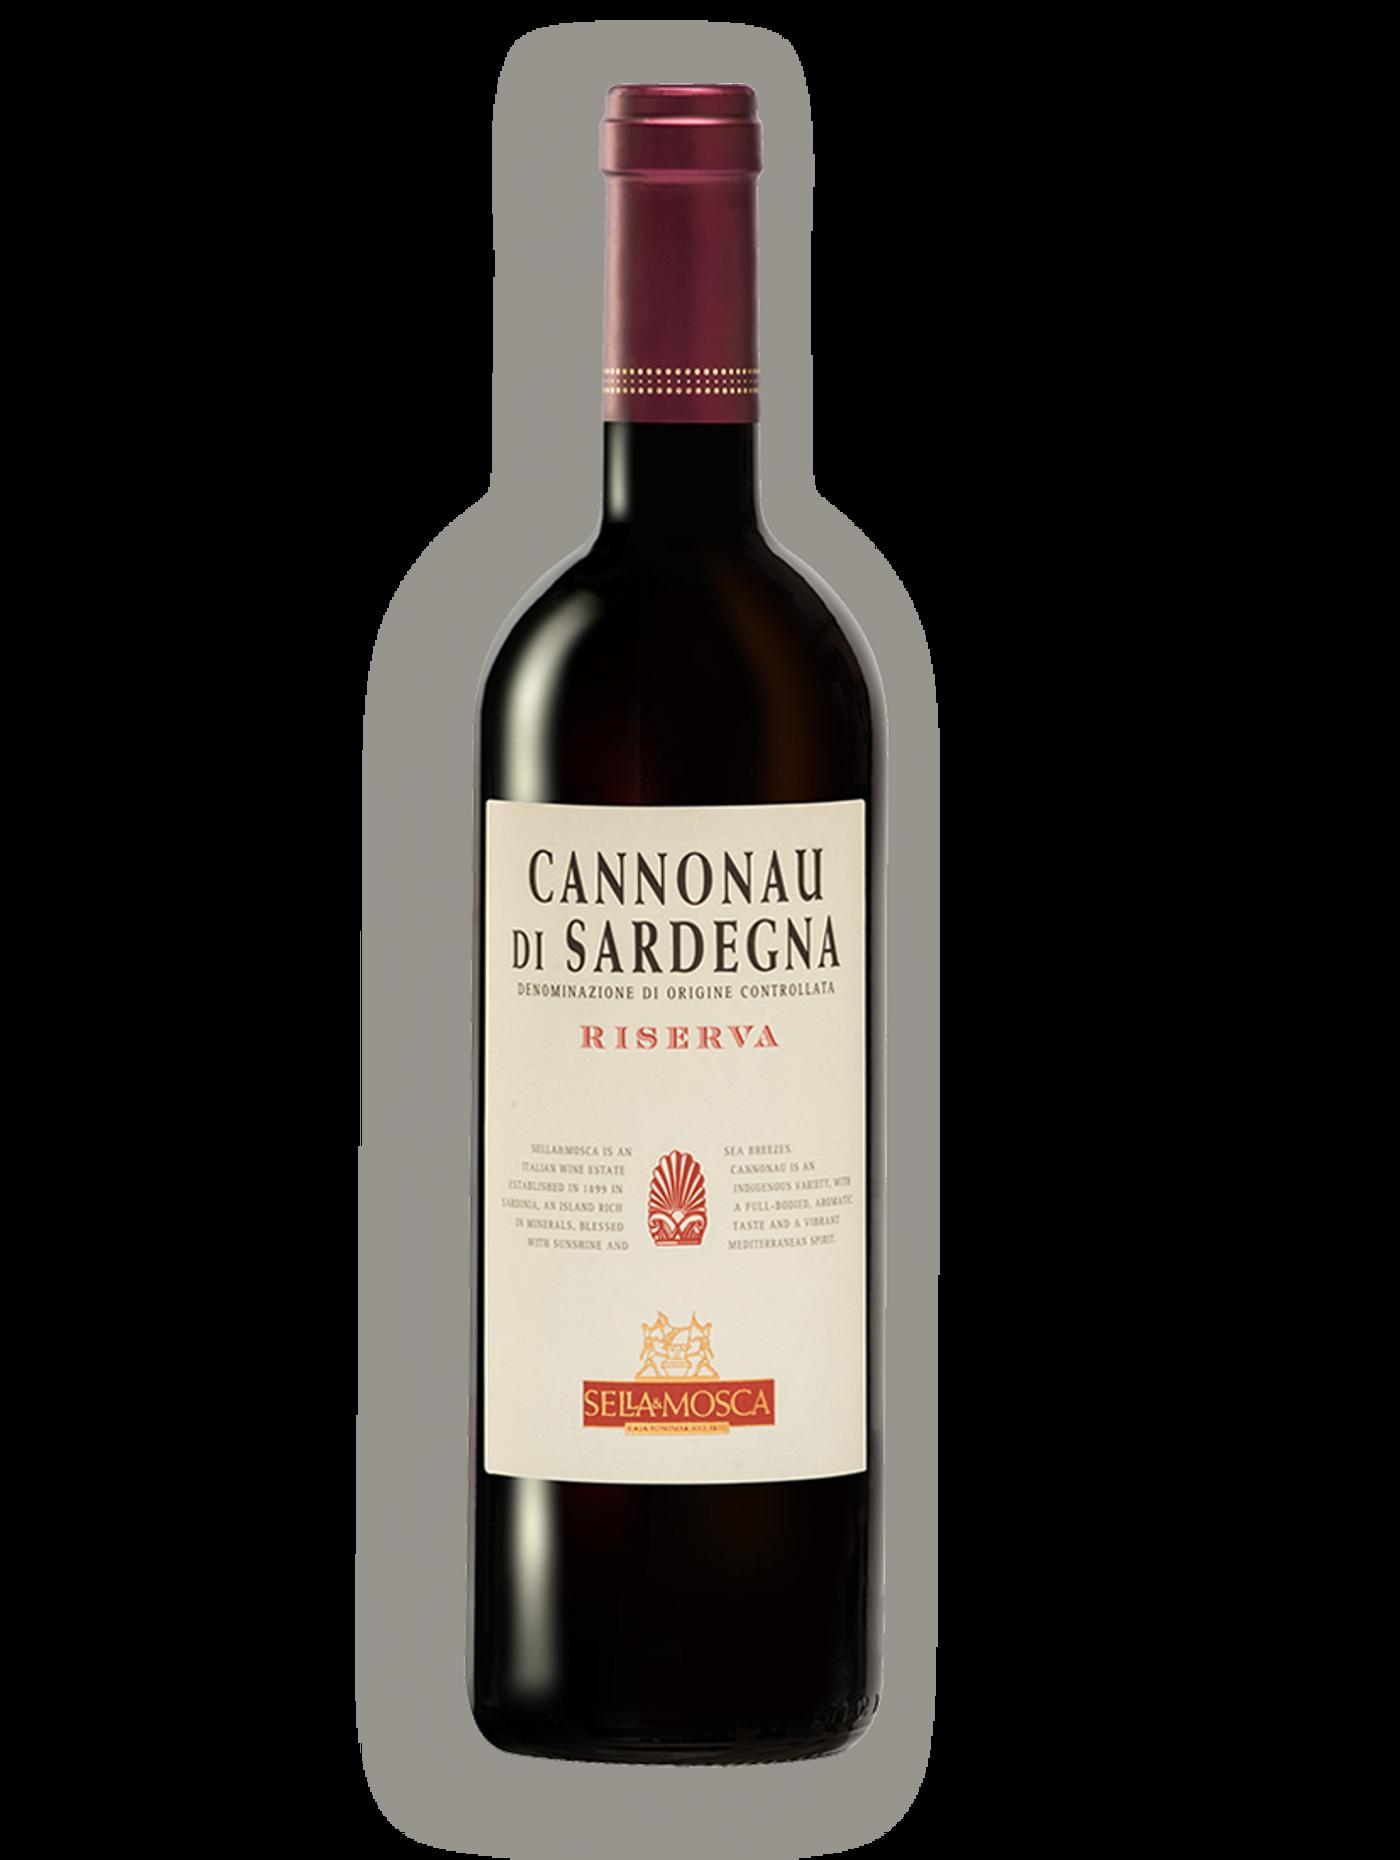 Cannonau di sardegna riserva D.O.C.